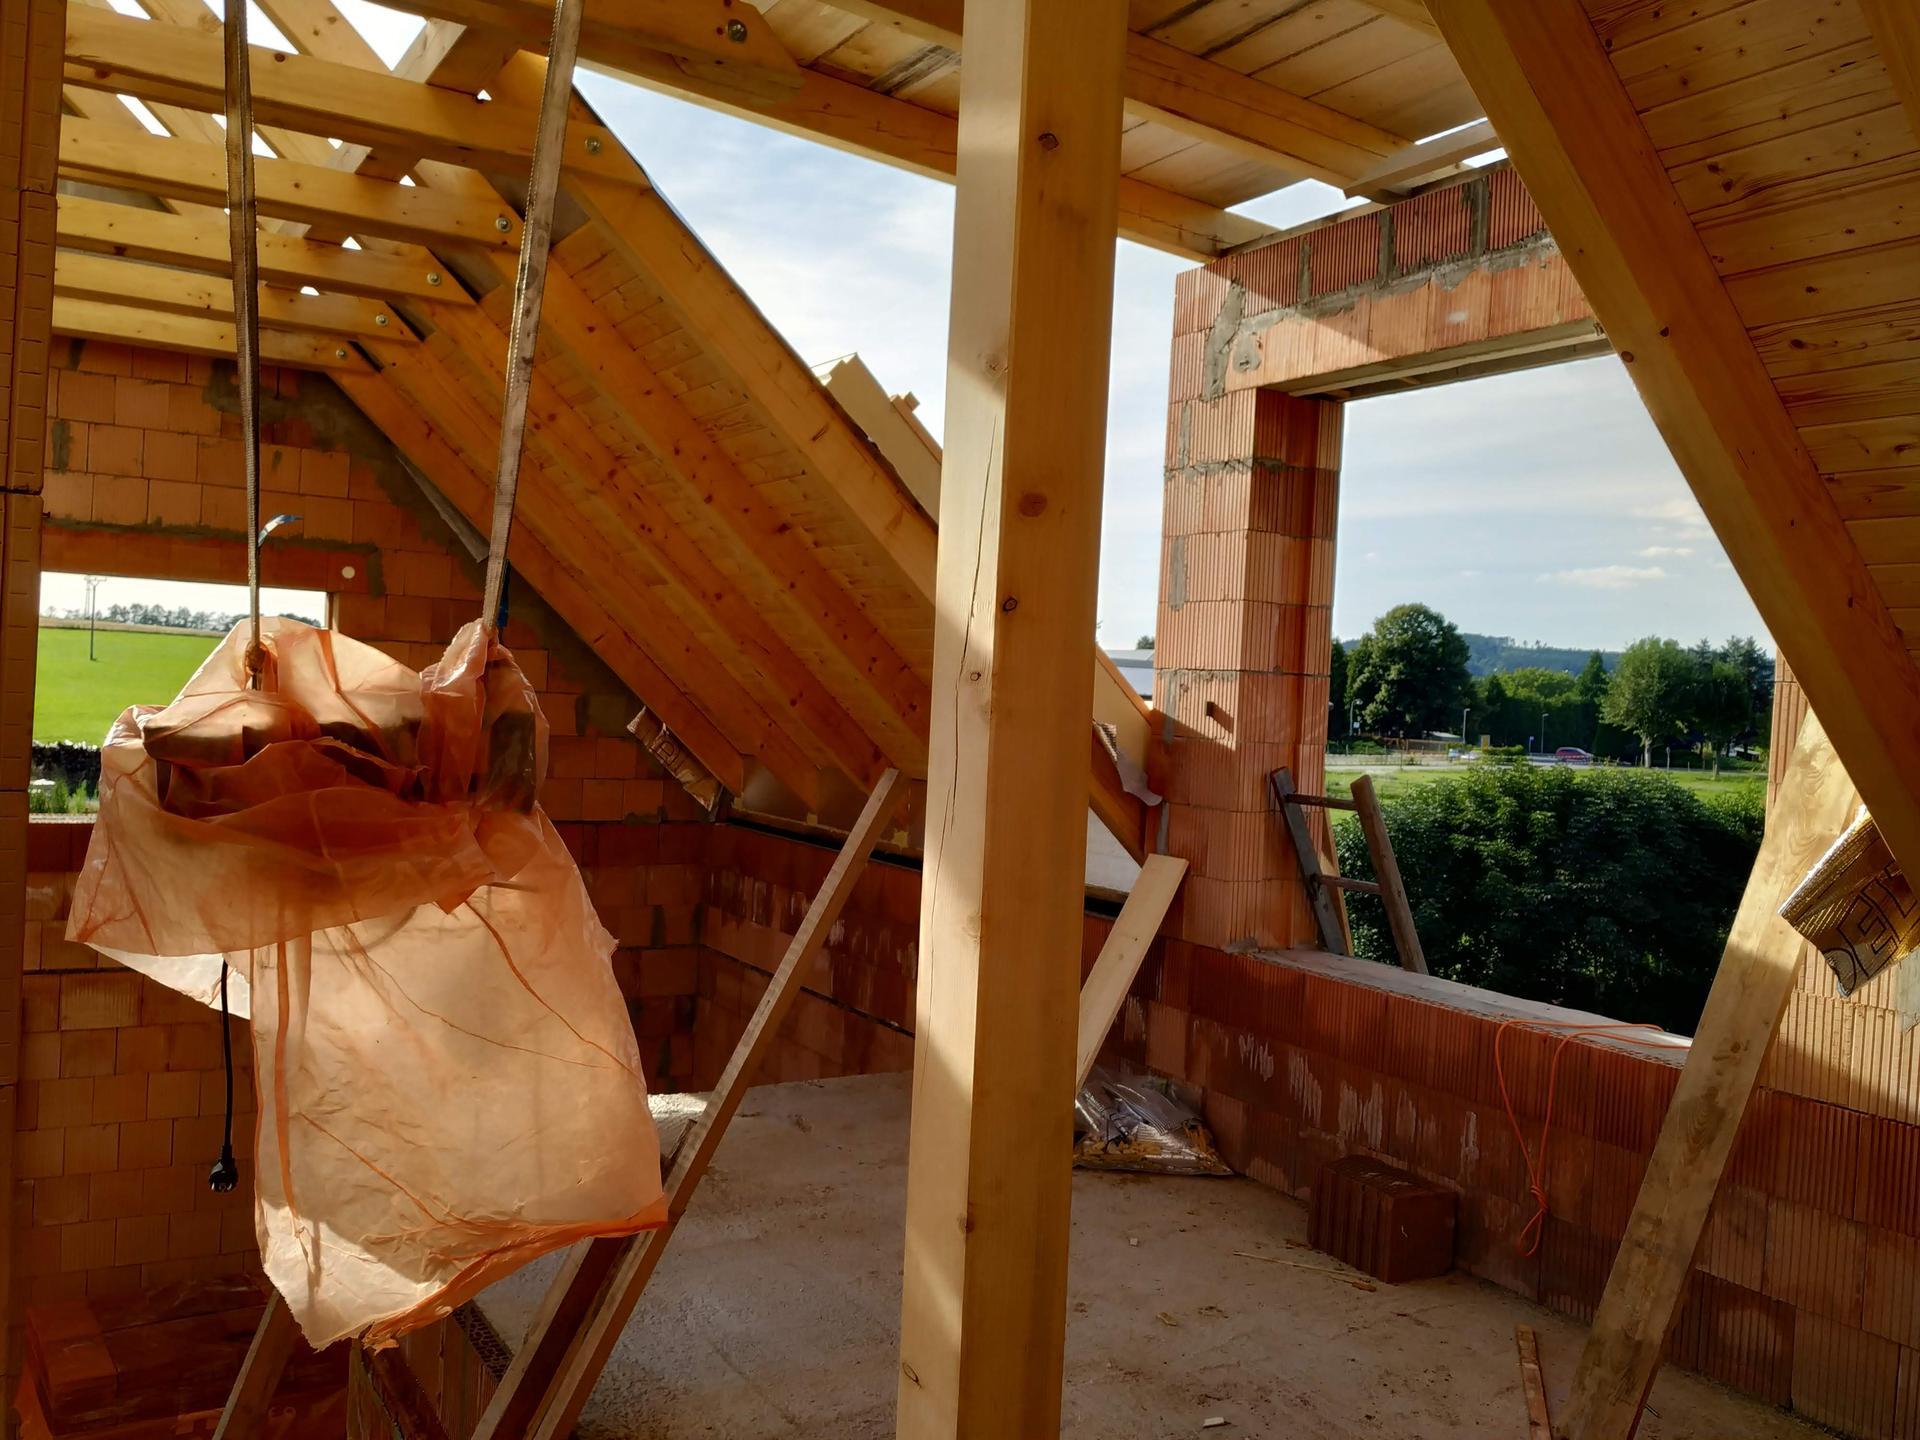 2020 Ze sklepa pod střechu a dál - Obrázek č. 22